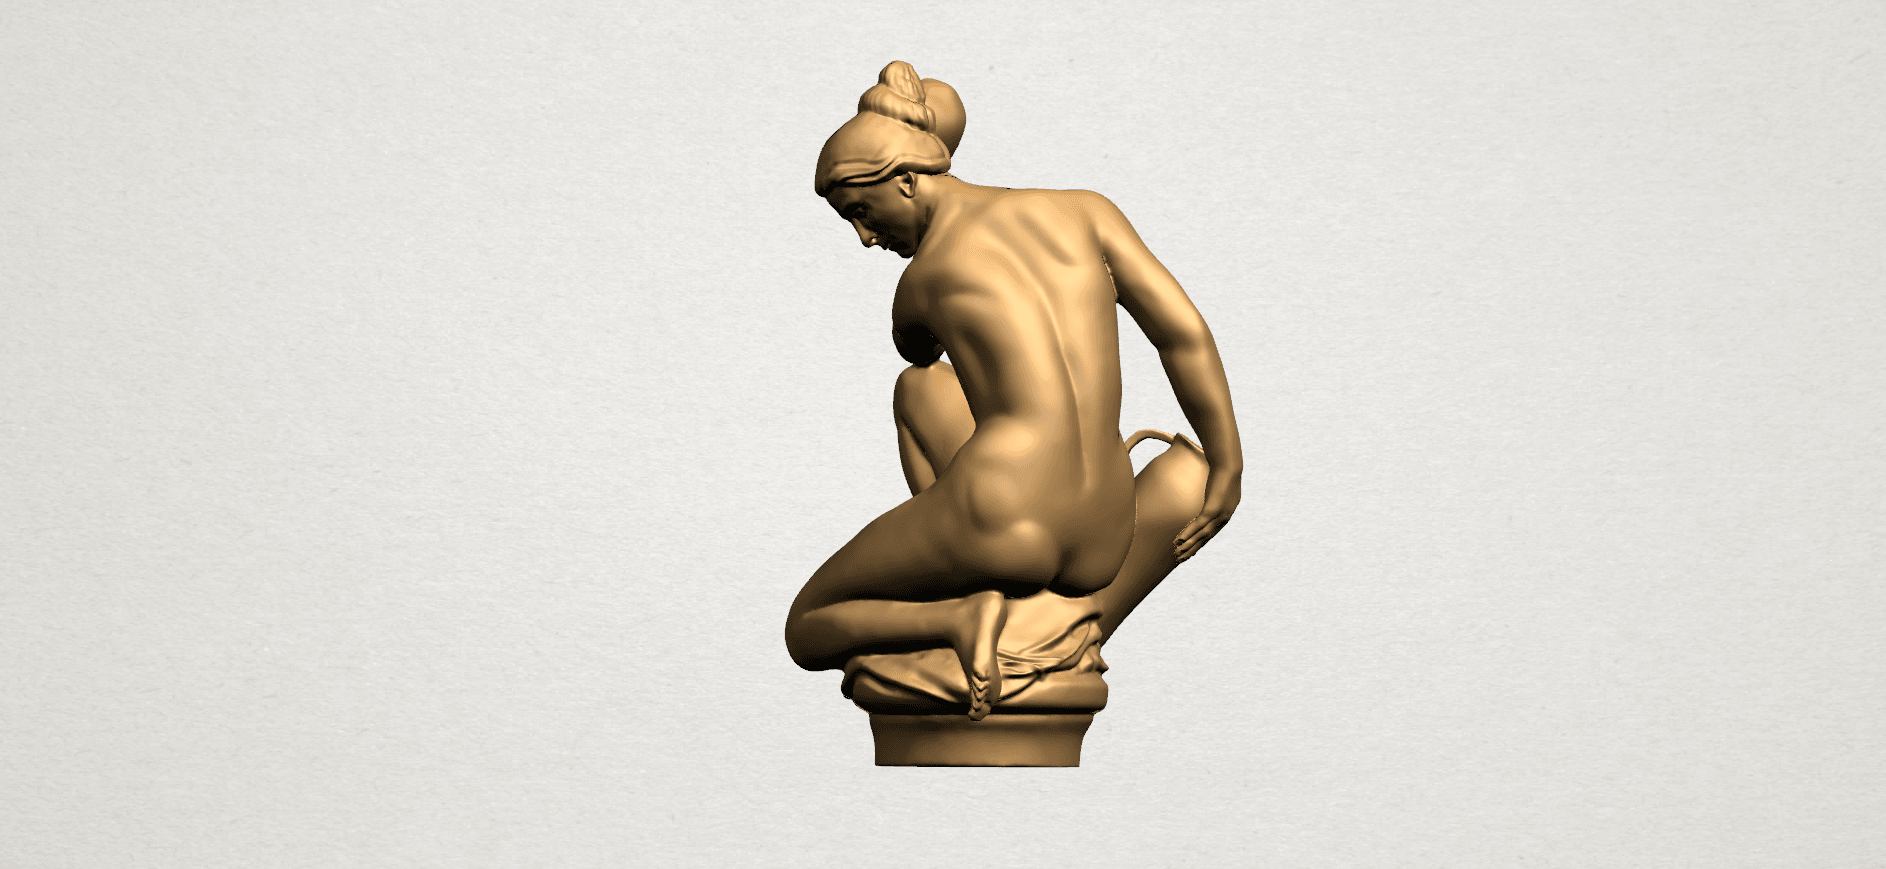 Naked Girl - With Pot - A05.png Télécharger fichier STL gratuit Fille Nue - Avec Pot • Modèle à imprimer en 3D, GeorgesNikkei